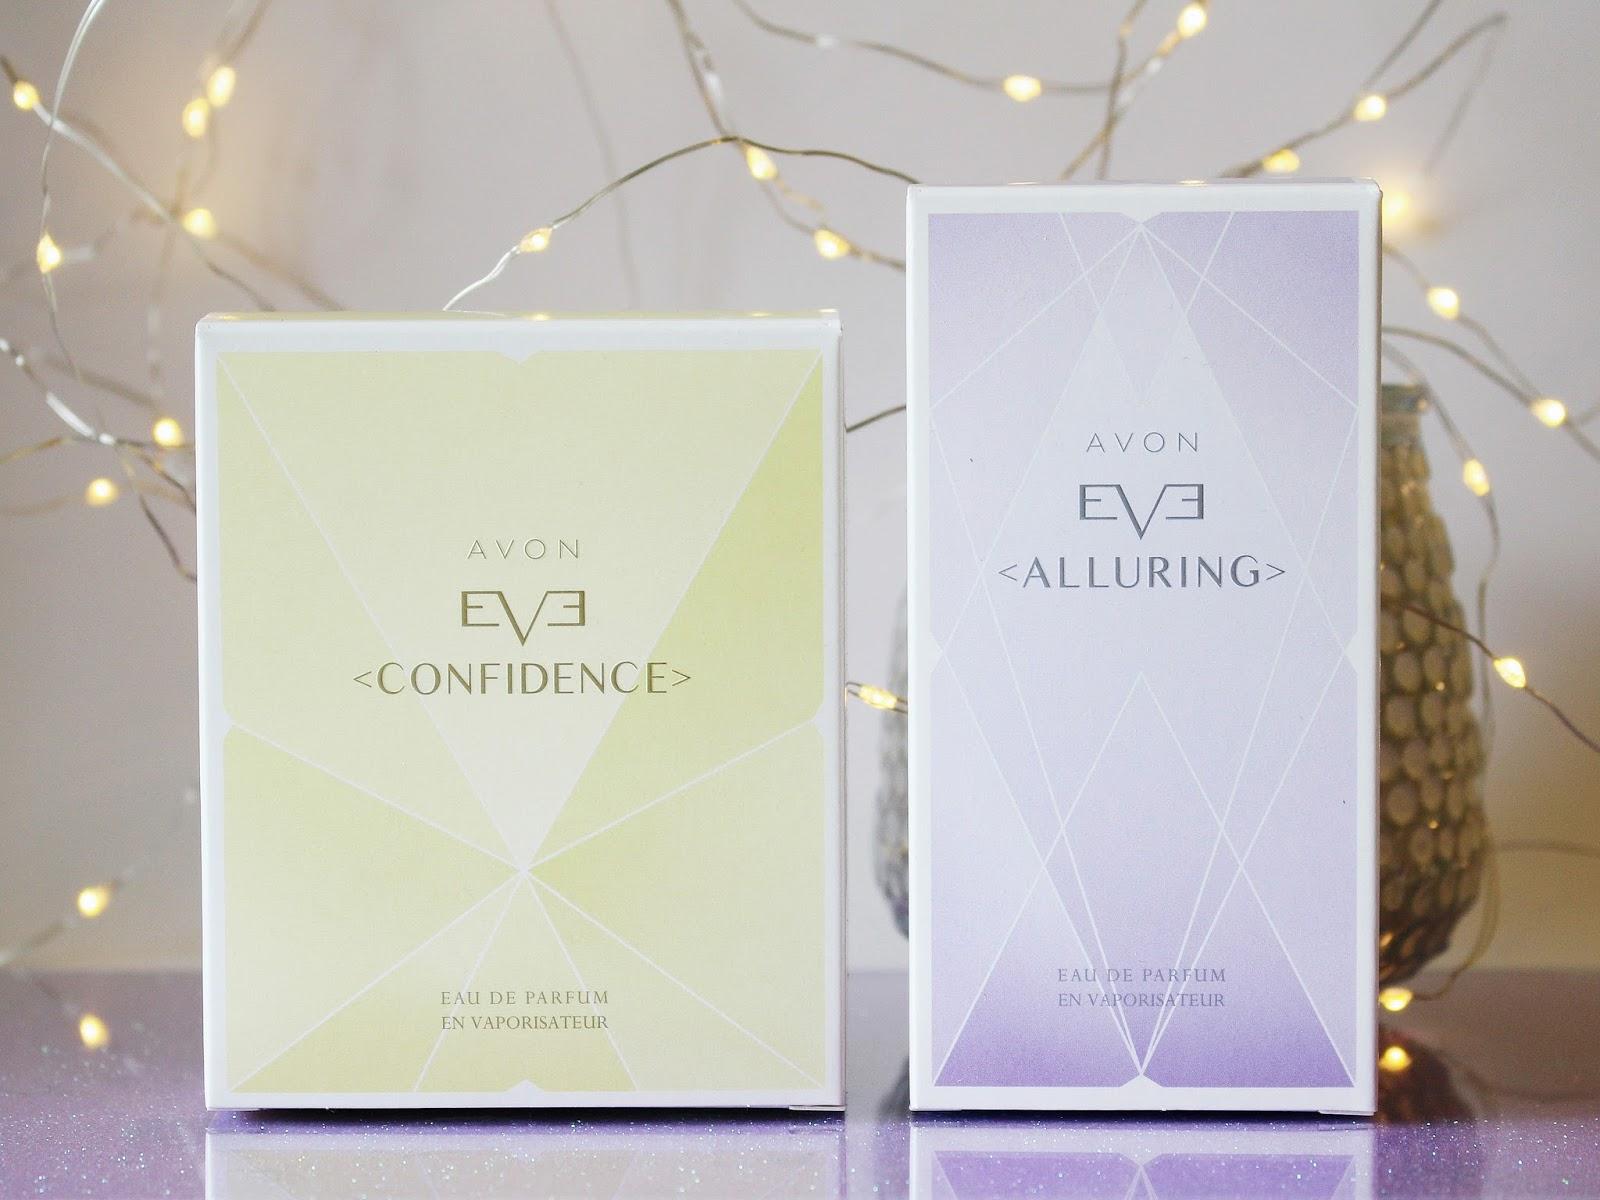 Avon Eve Alluring Confidence